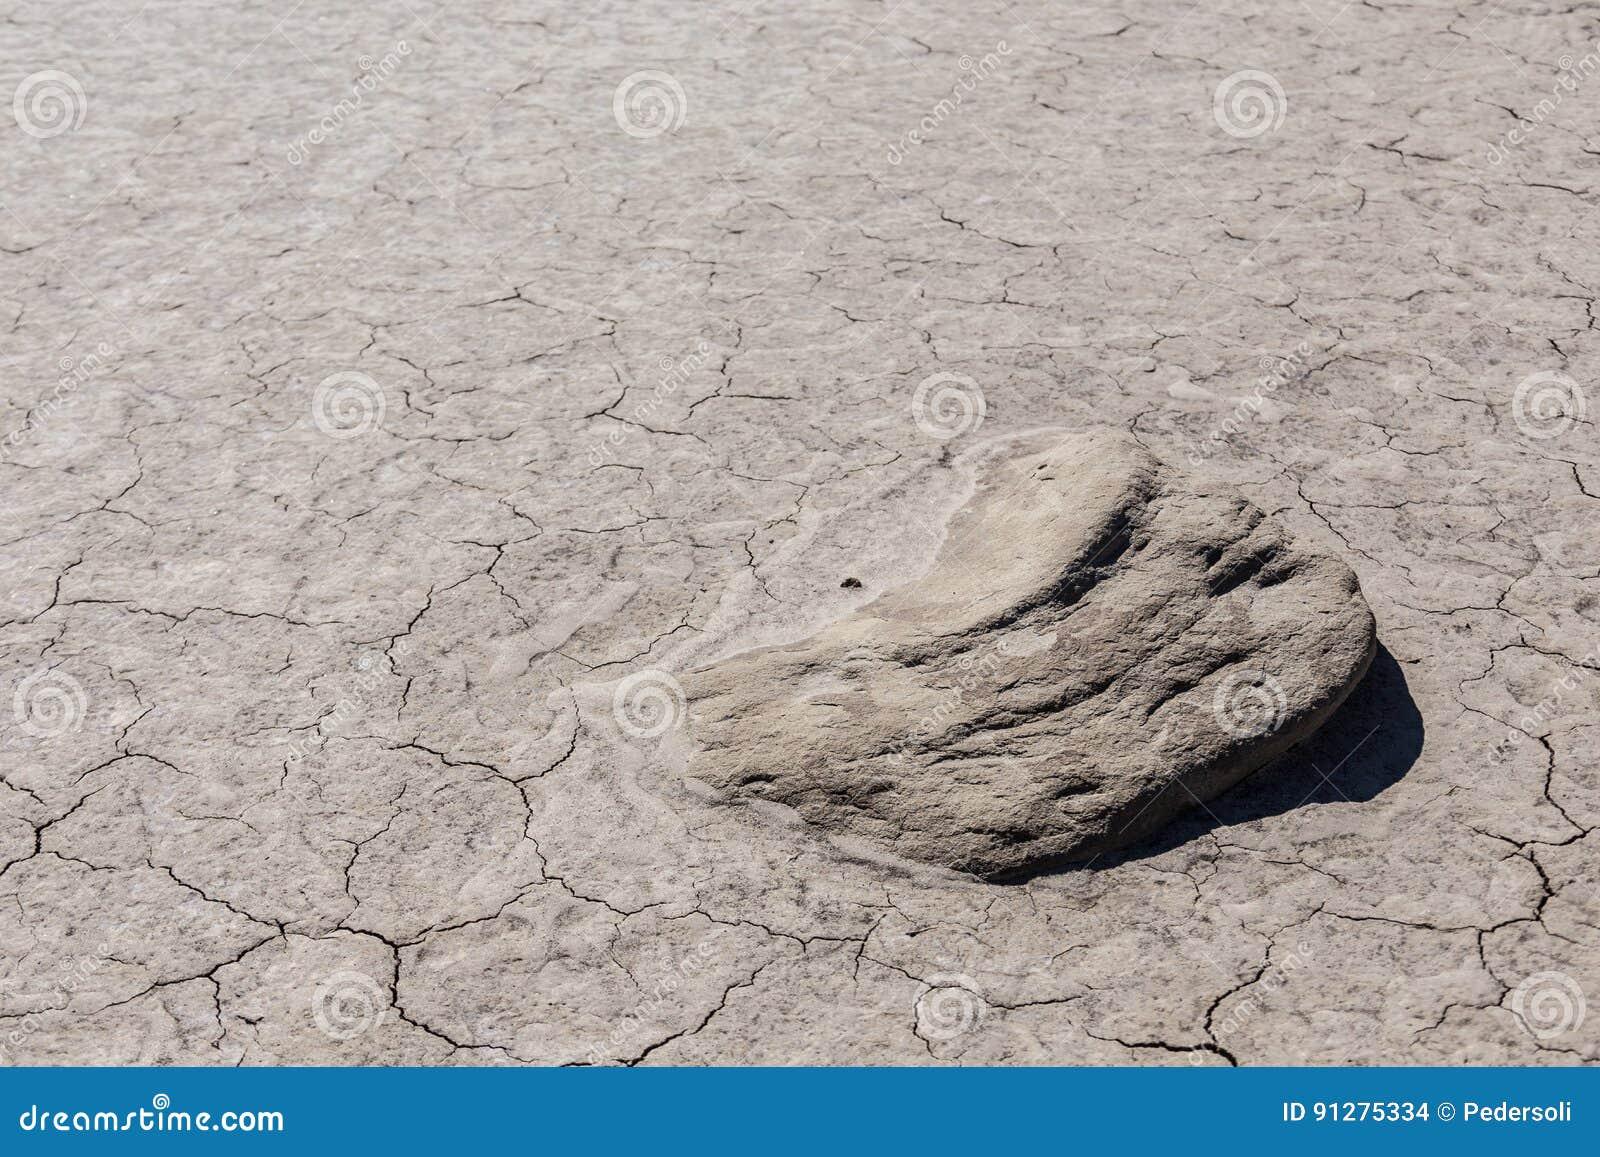 Spruckna torra smutsar